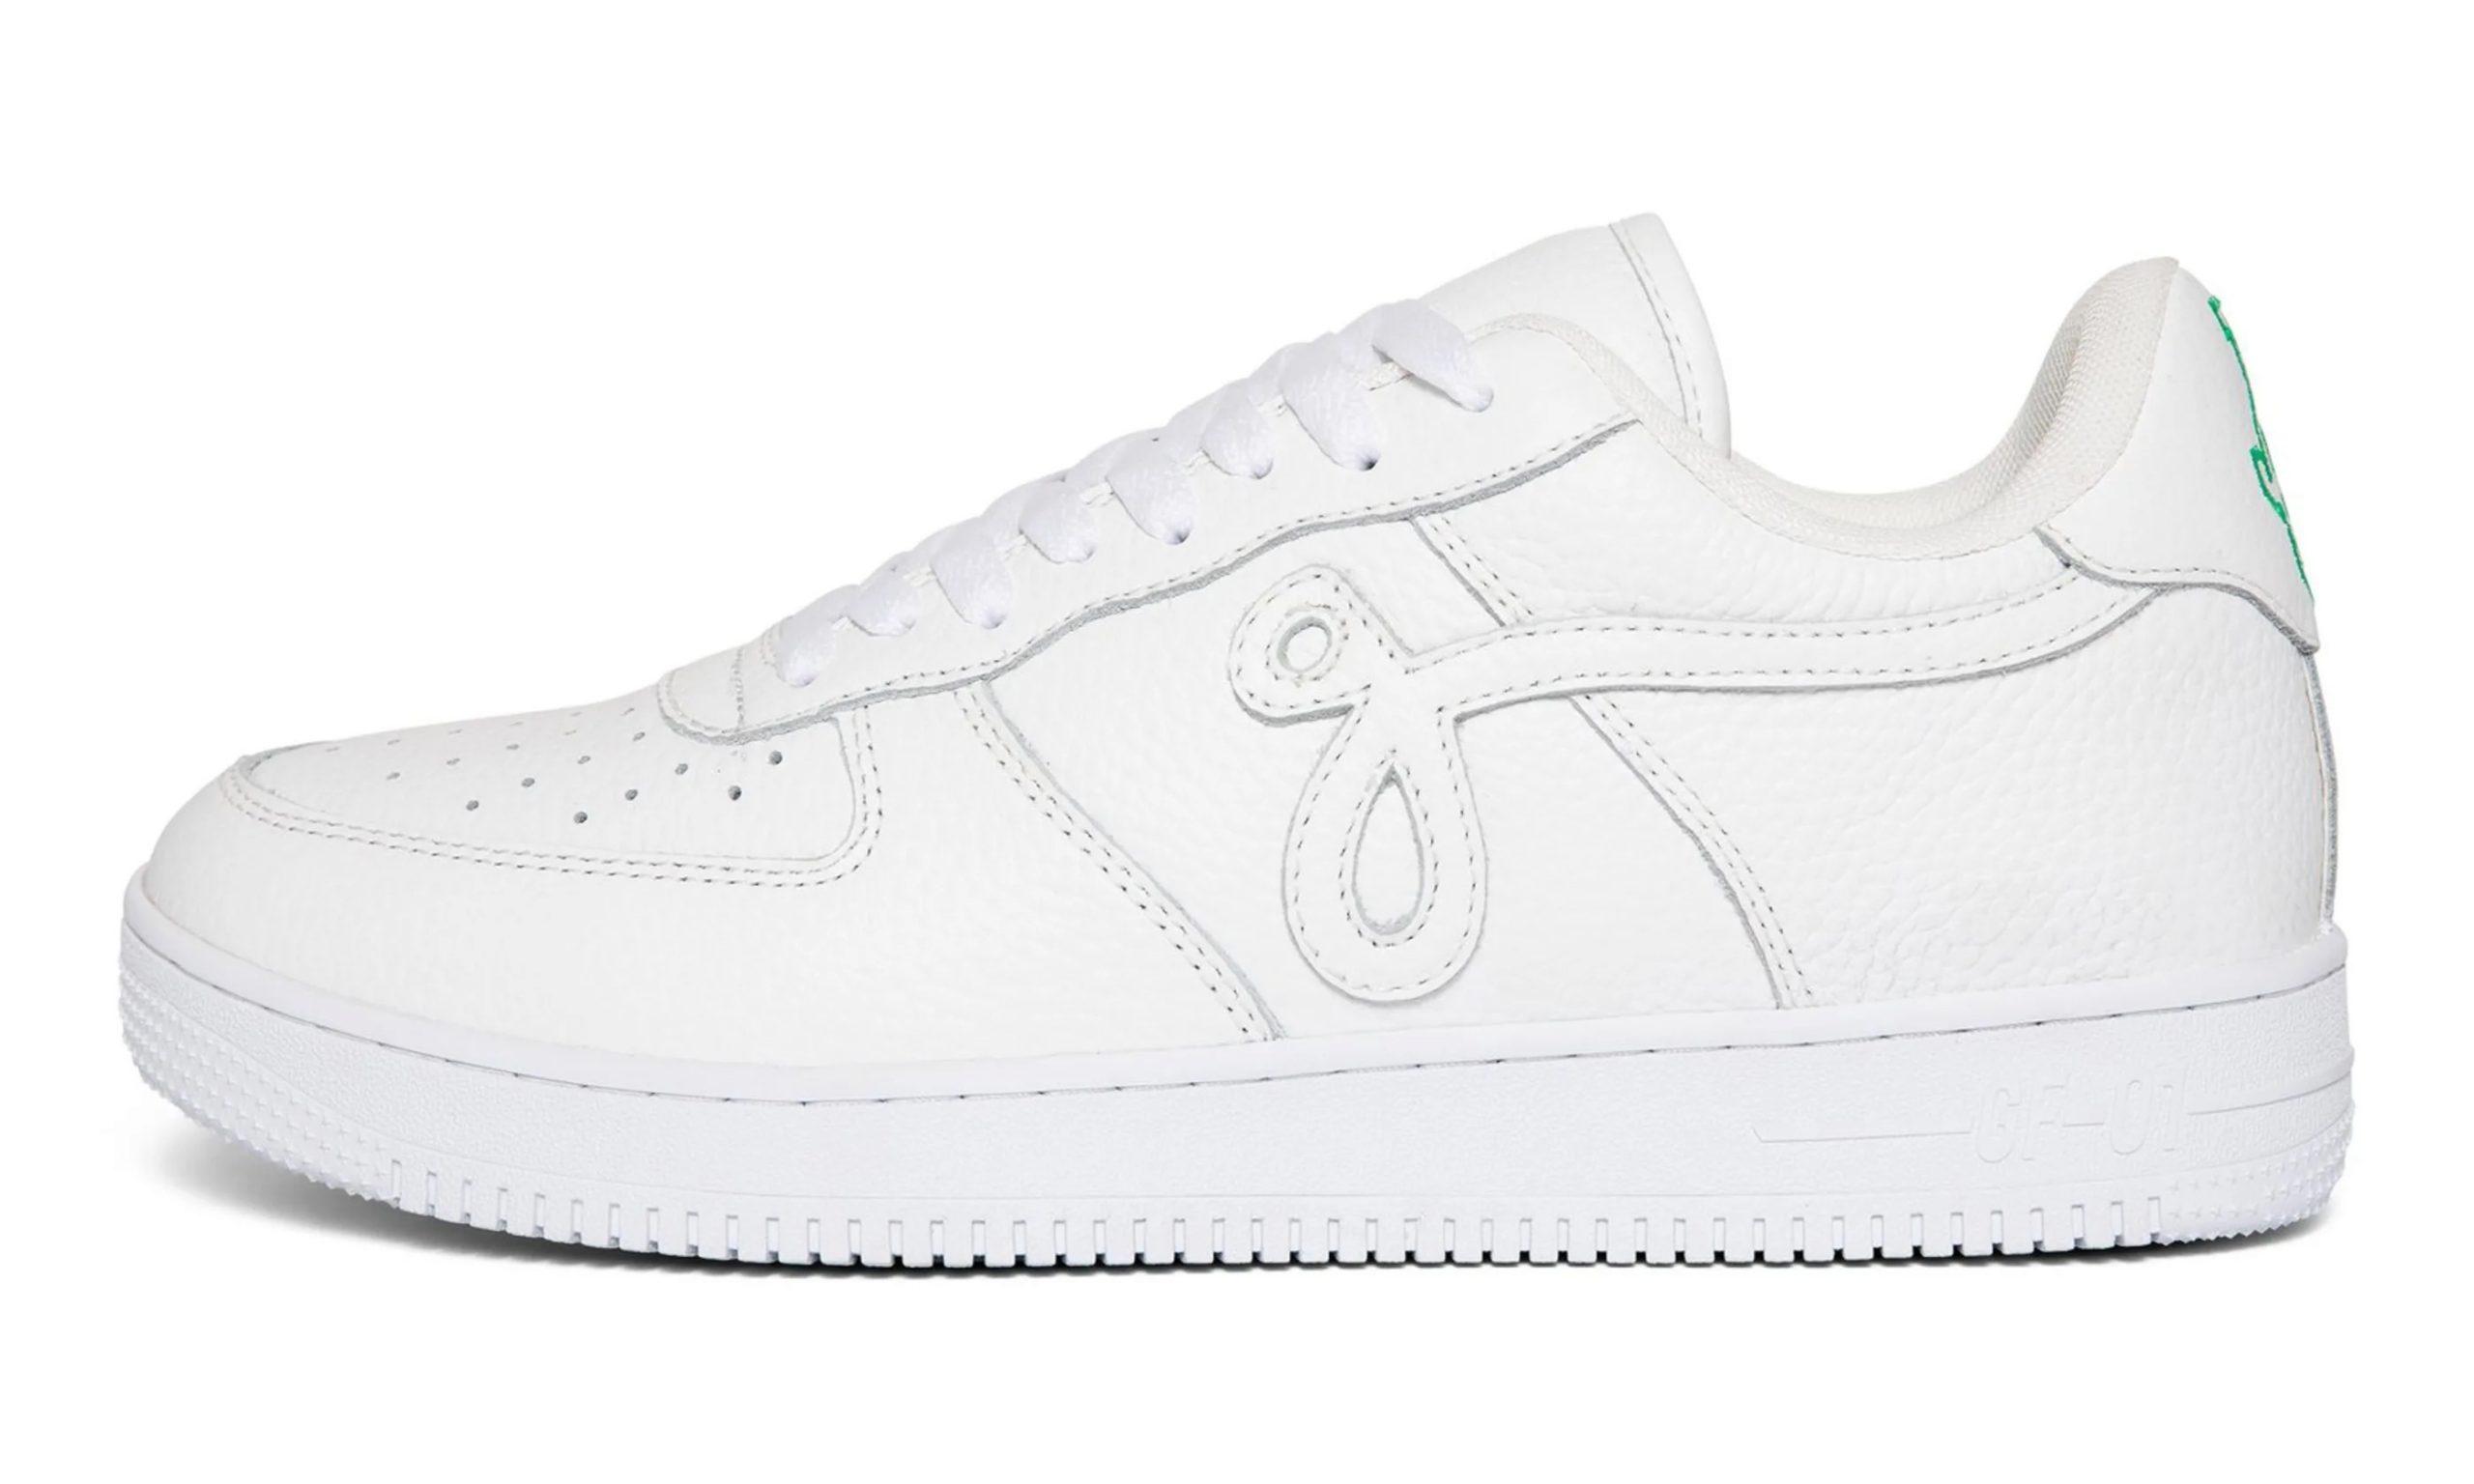 Nike 起诉球鞋客制师 John Geiger 侵权